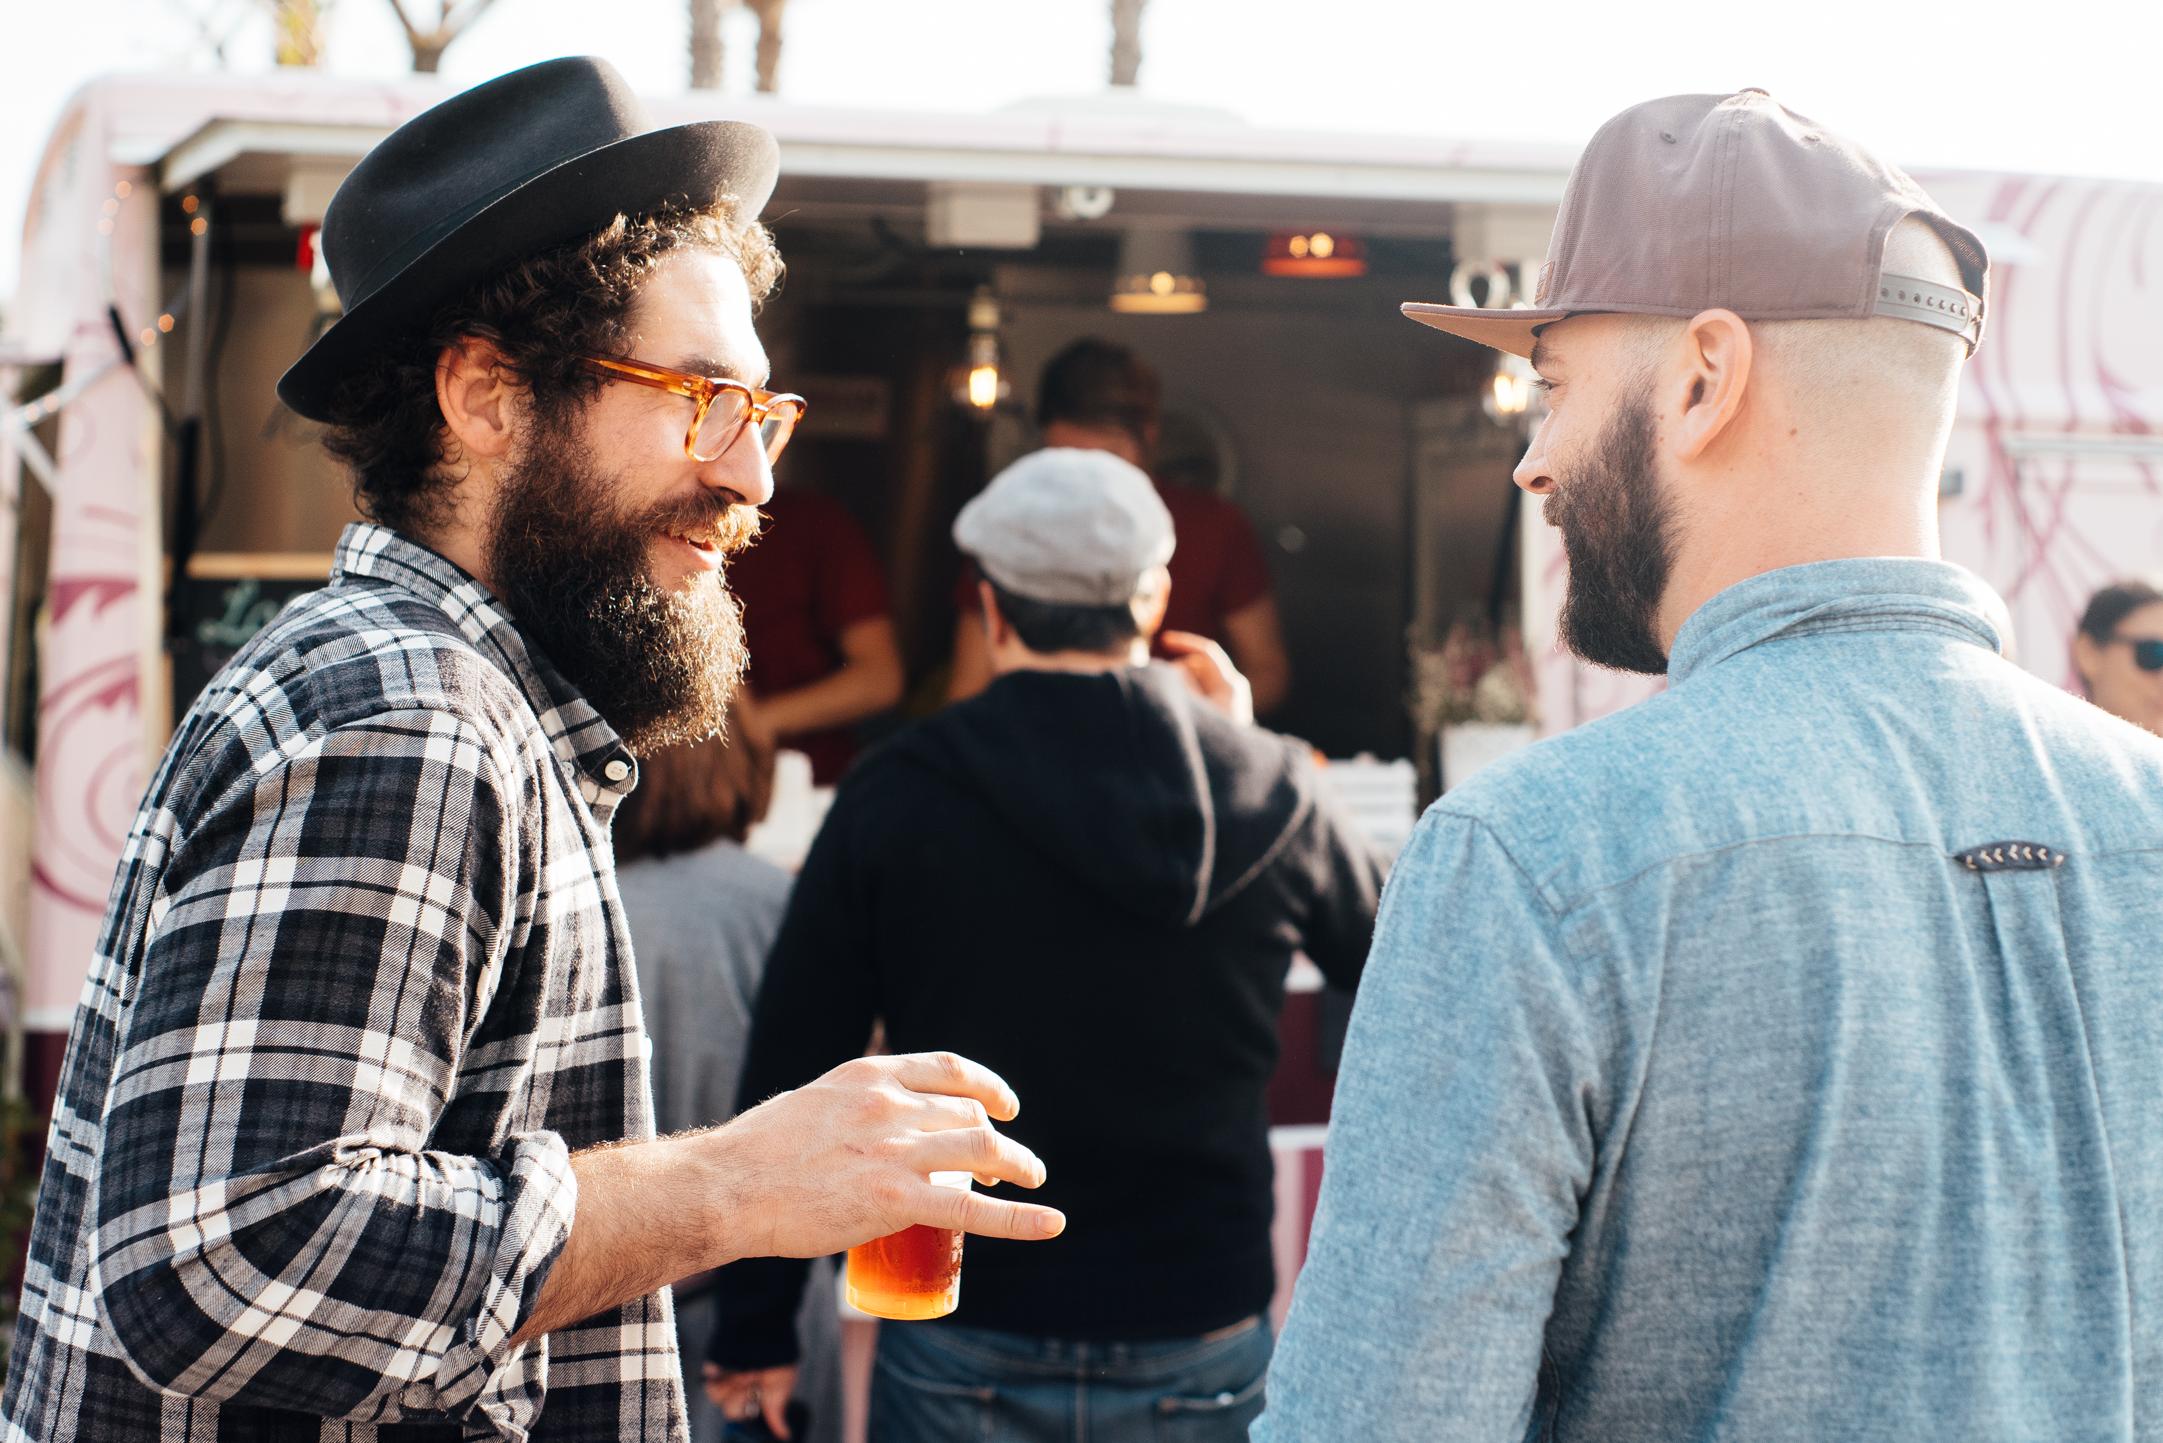 Cibo e bevande - L'offerta di cibo e bevande, attenta a tutti i gusti, è il risultato della sinergia tra una selezione di food truck, attività di ristorazione locale ed aziende del settore, che fanno della qualità il loro ingrediente principale.